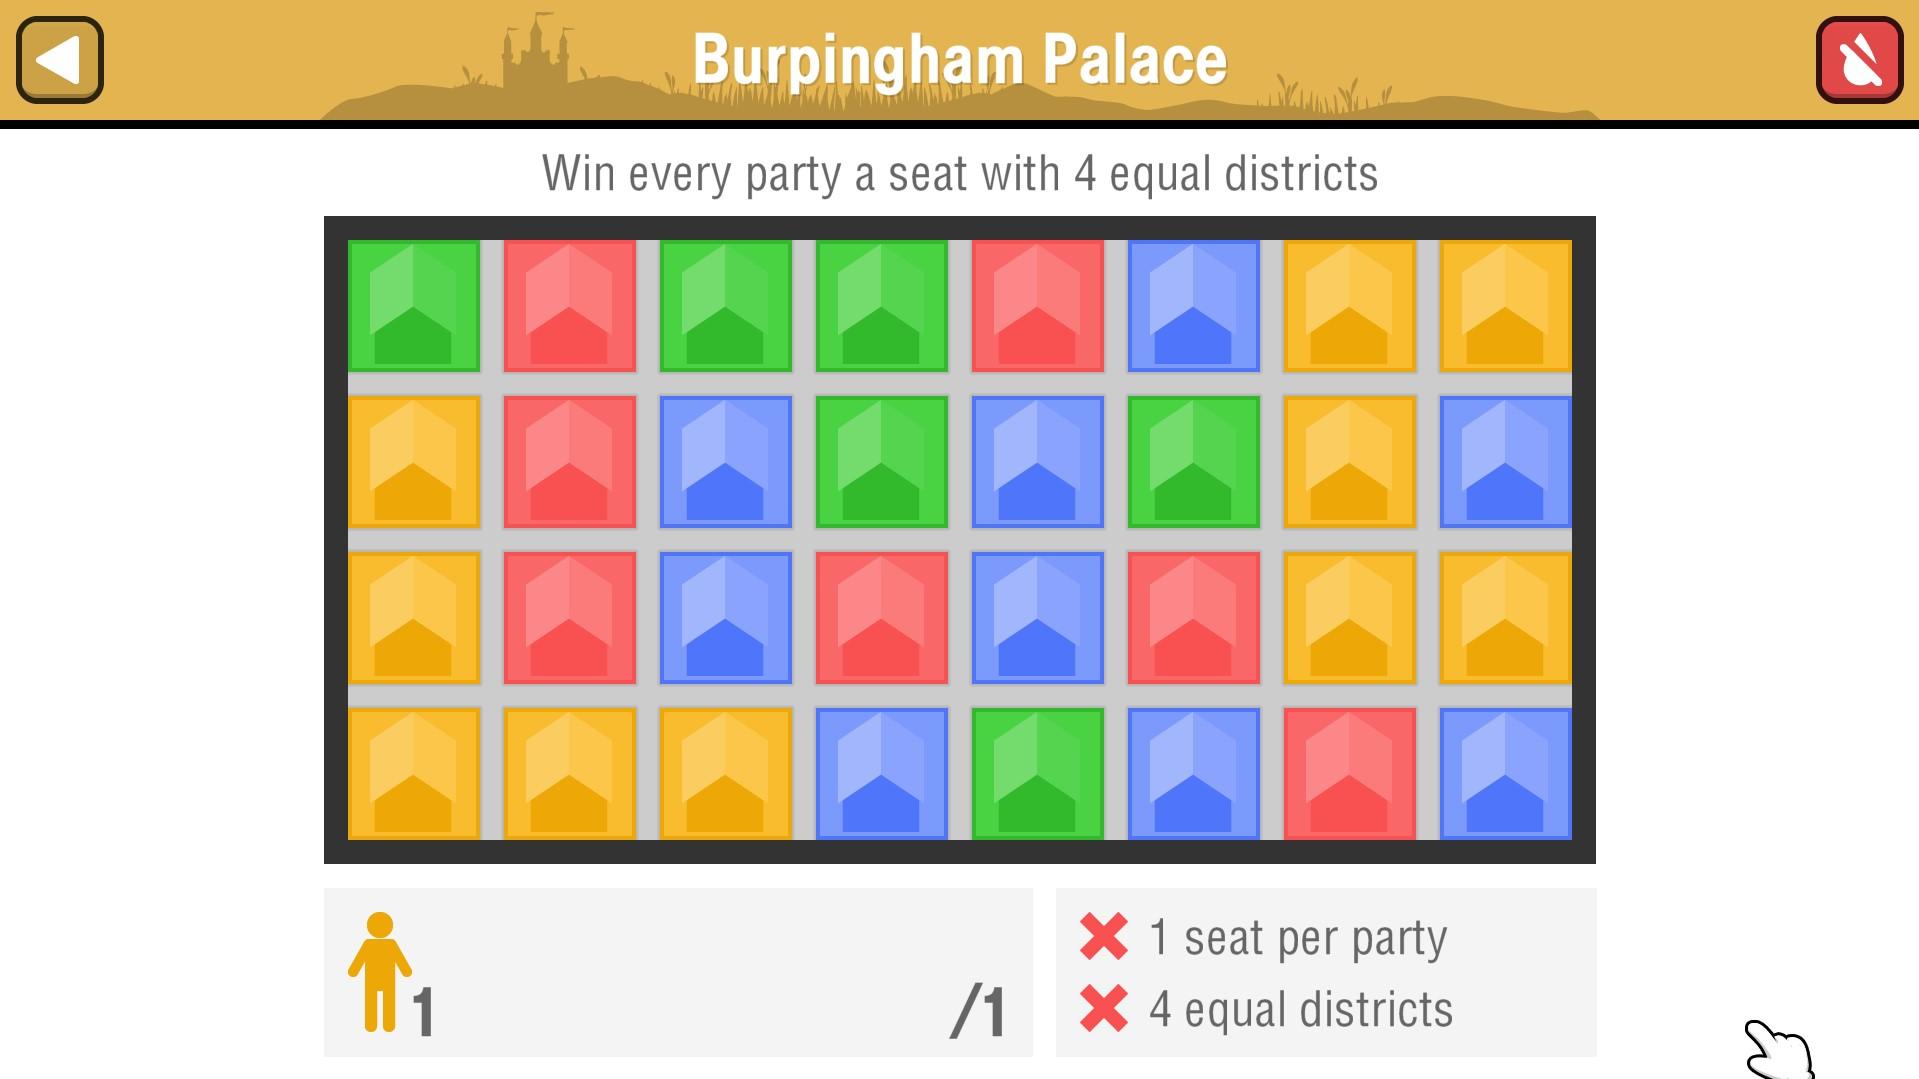 Burpingham Palace